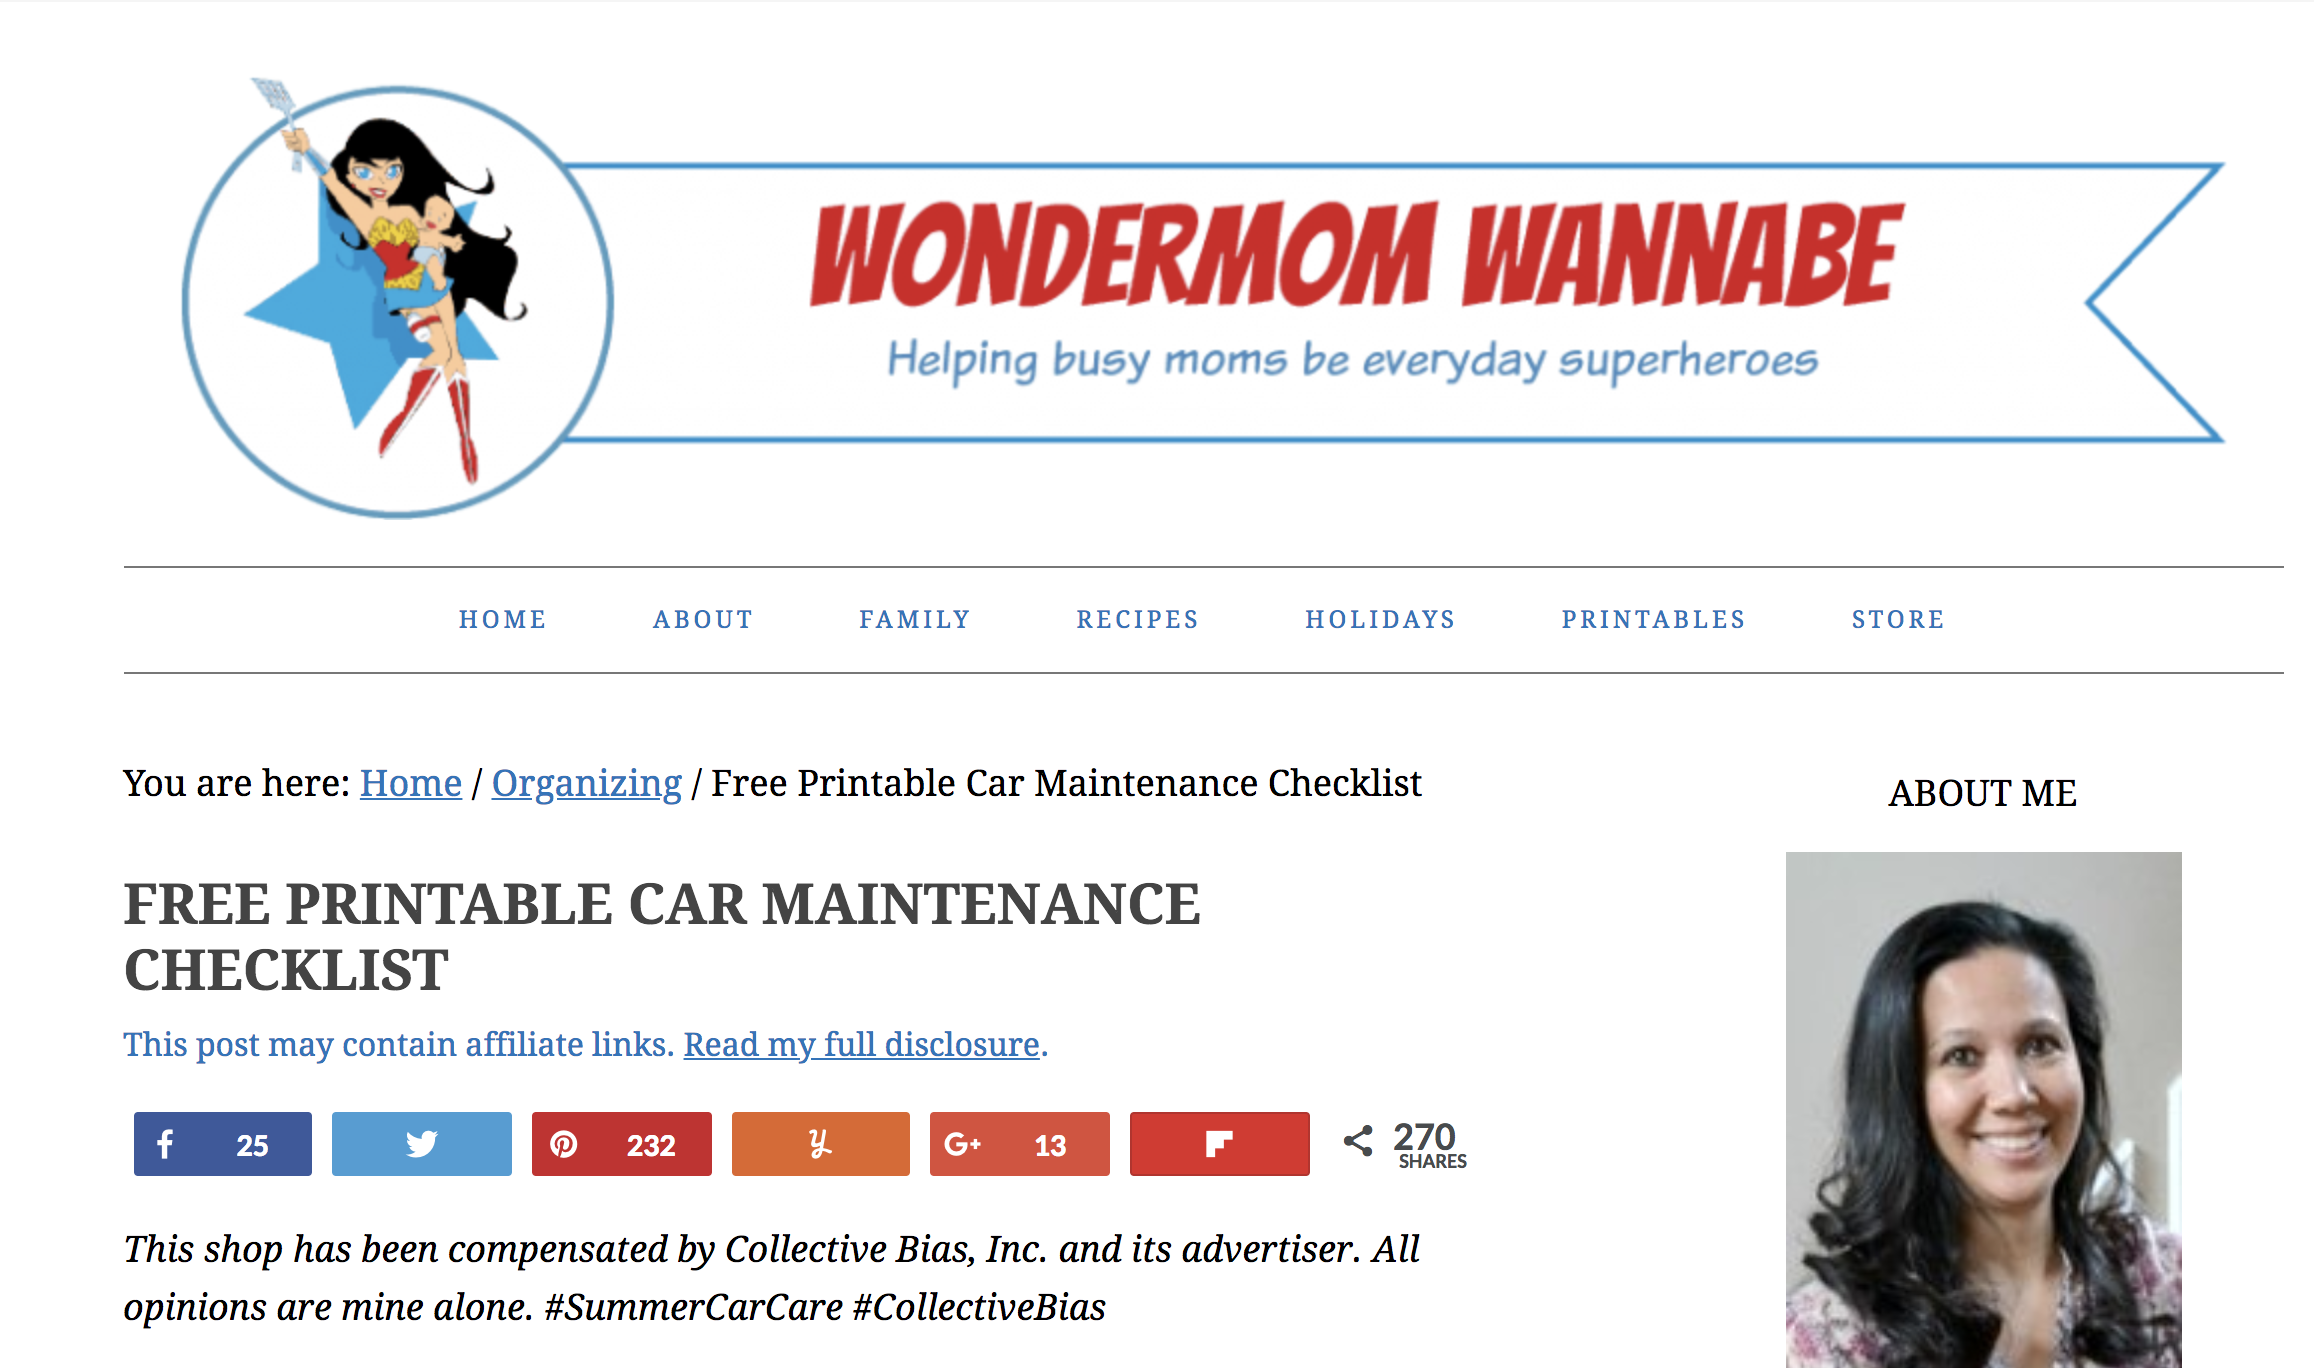 Screenshot of  Wondermomwannabe.com